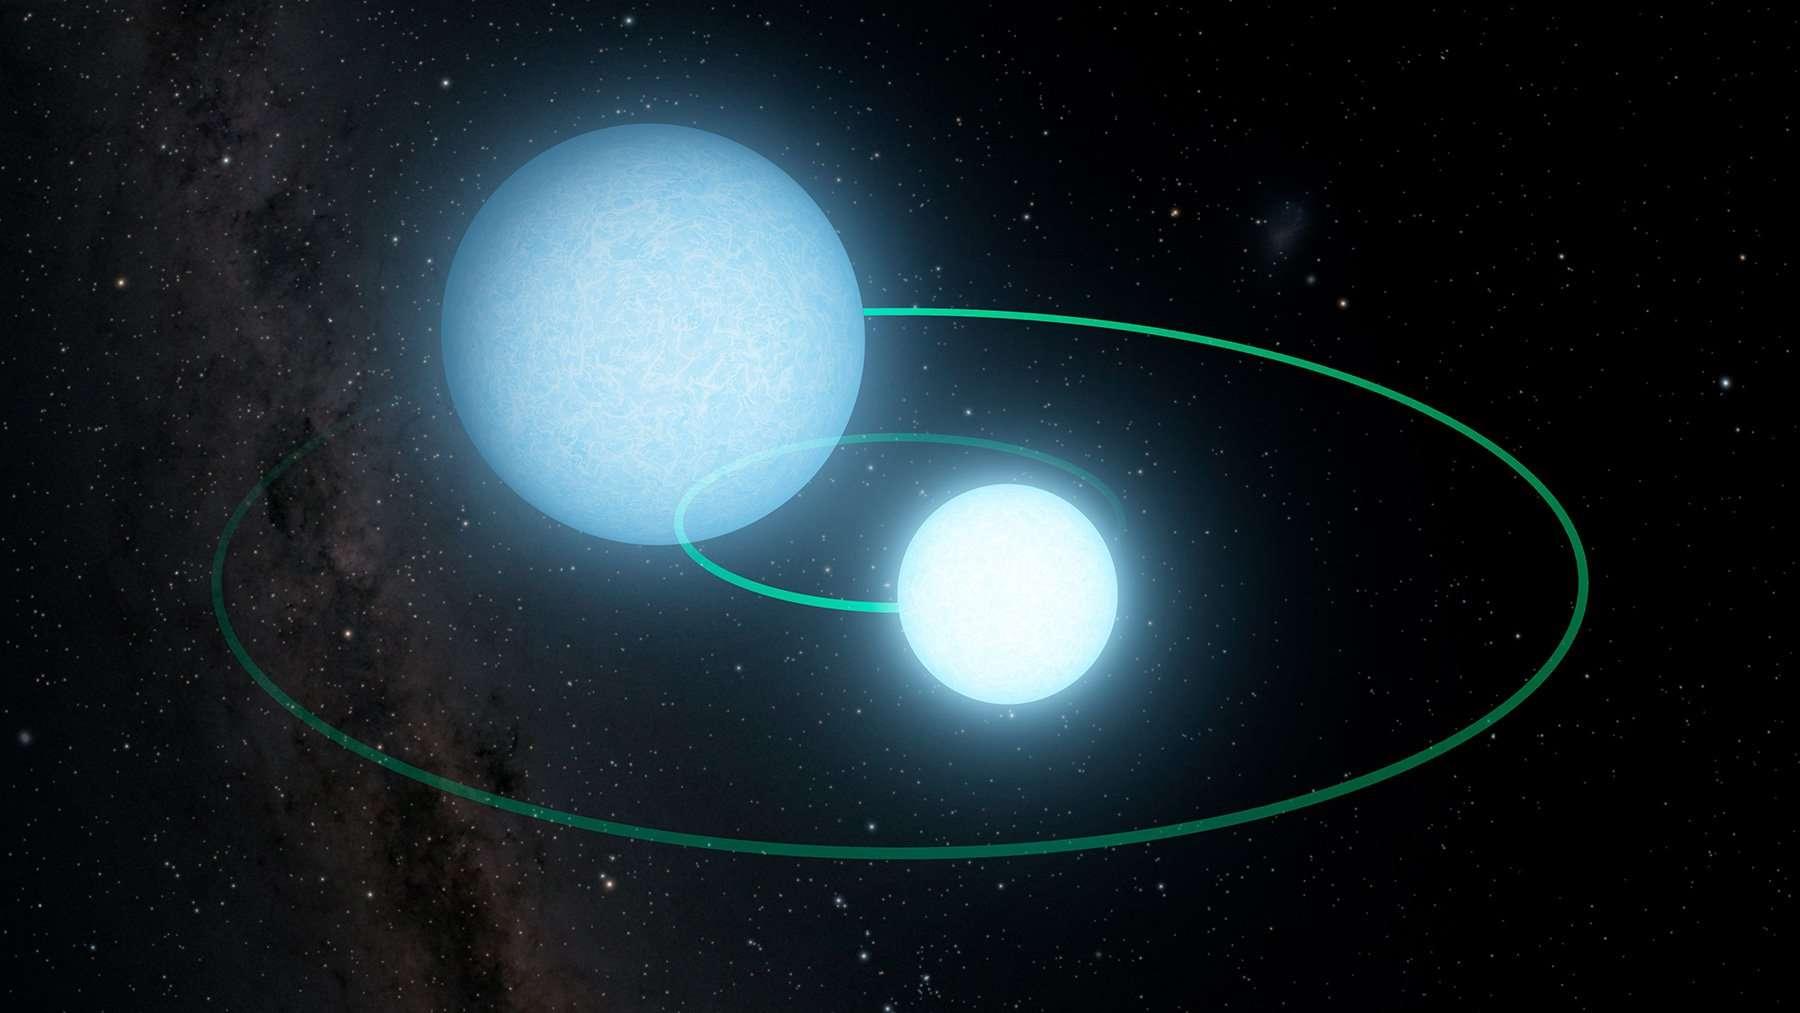 Le système d'étoile binaire à éclipse J1539+5027. Lorsque l'étoile la plus sombre passe devant l'étoile brillante, elle l'occulte légèrement durant 30 secondes. © Caltech, IPAC, R.Hurt